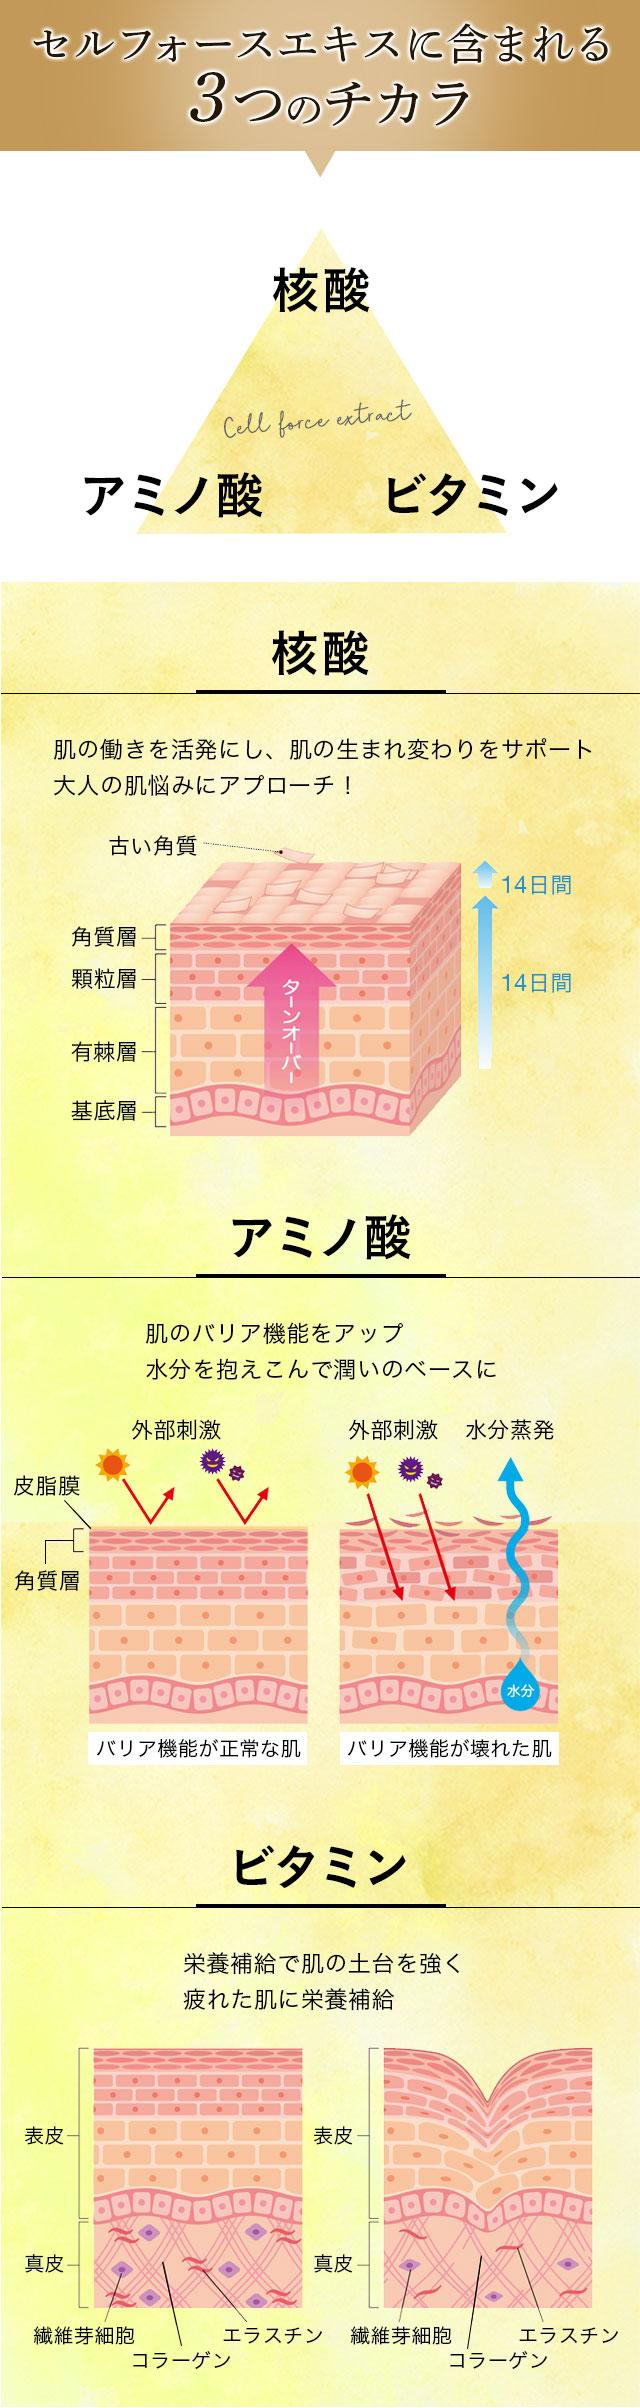 セルフォースエキスに含まれる3つのチカラ。核酸、アミノ酸、ビタミン